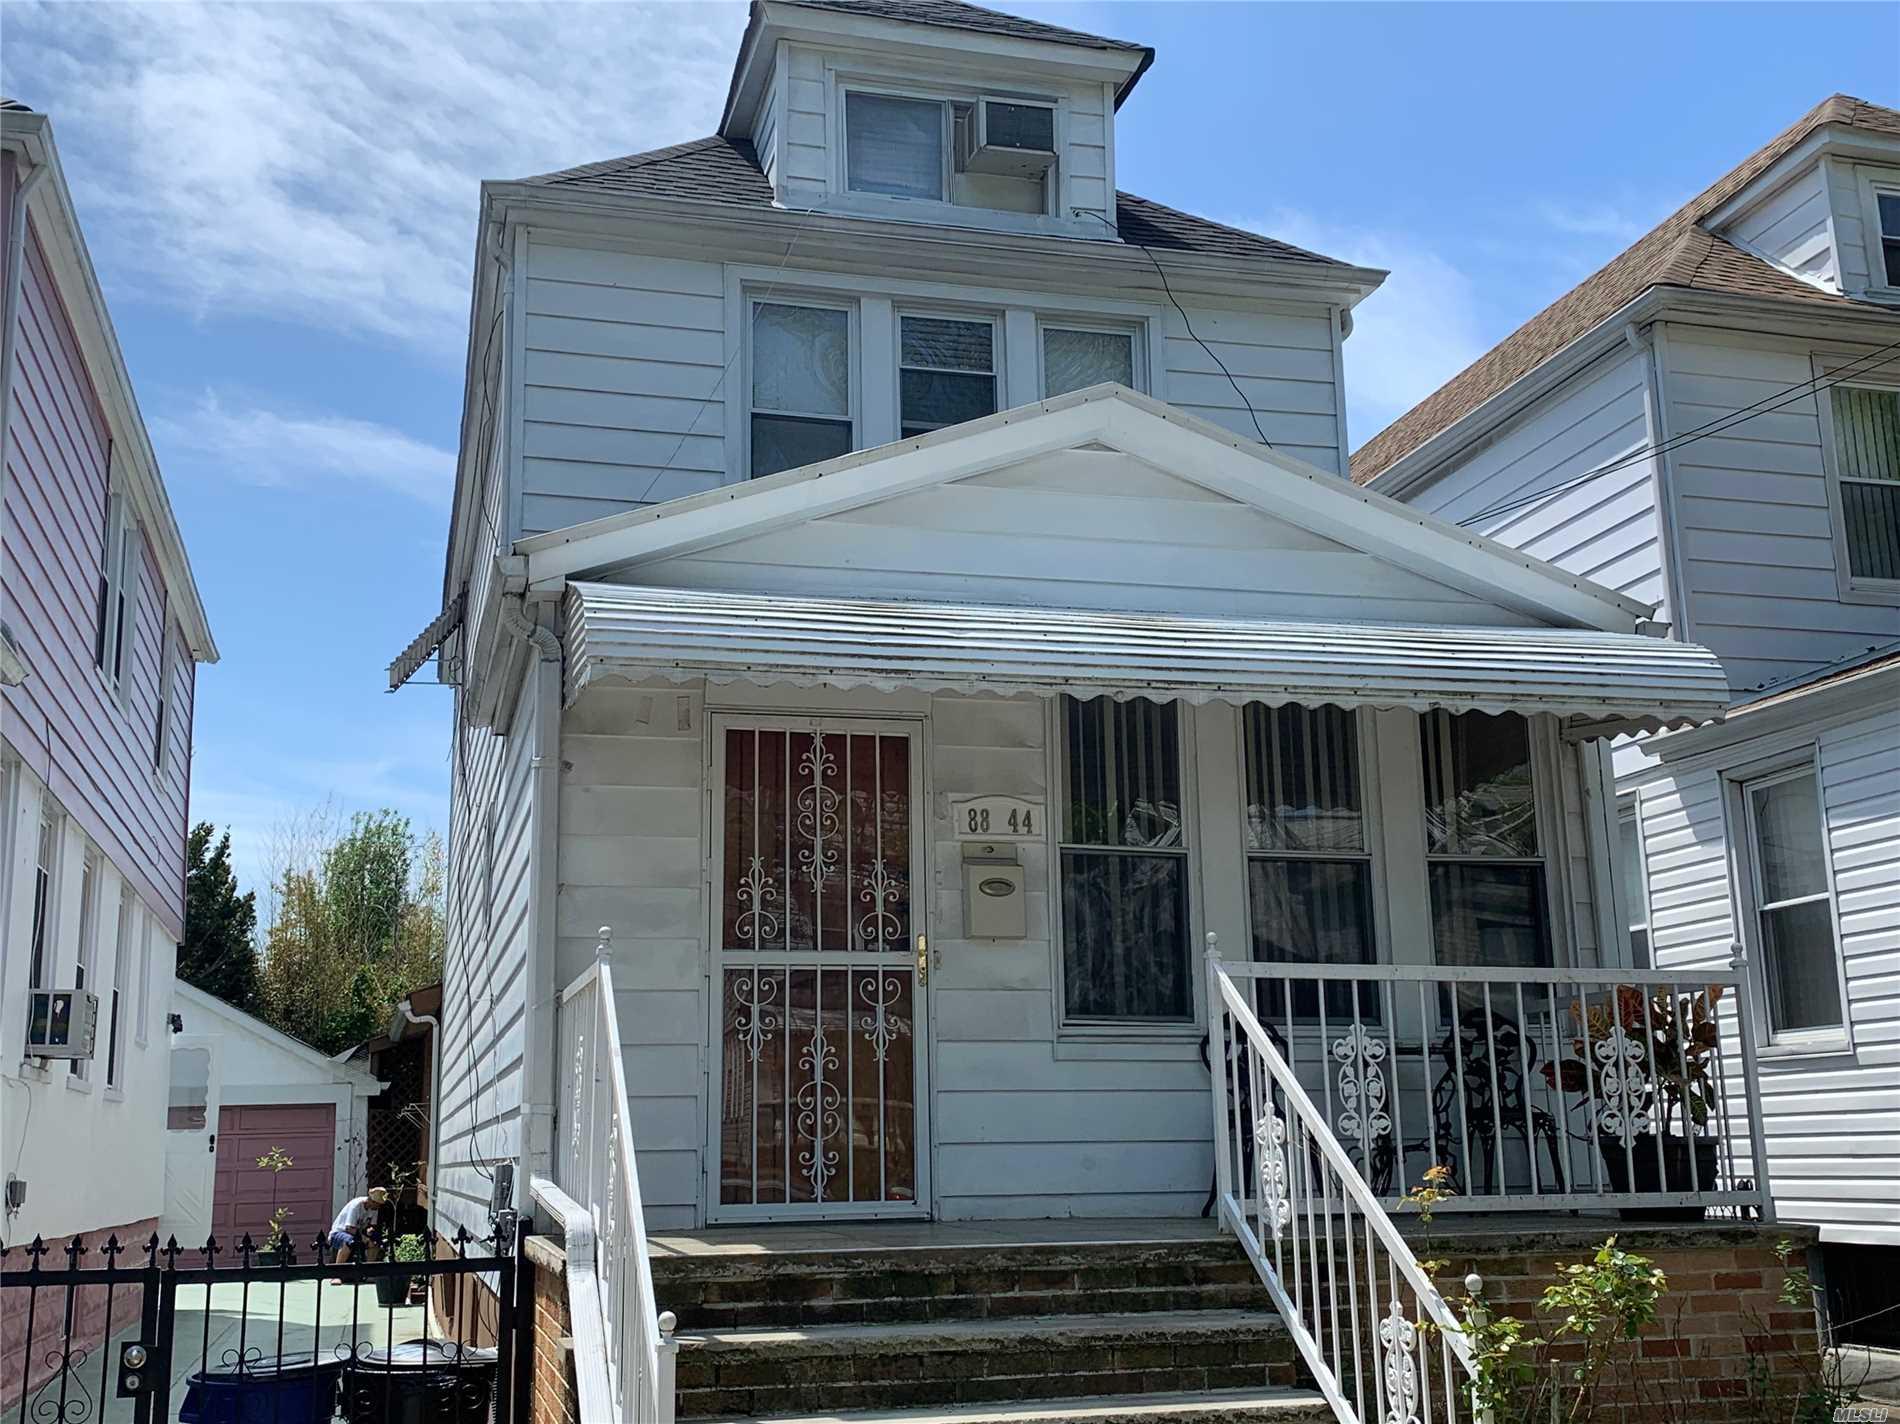 88-44 199 St Hollis, NY 11423